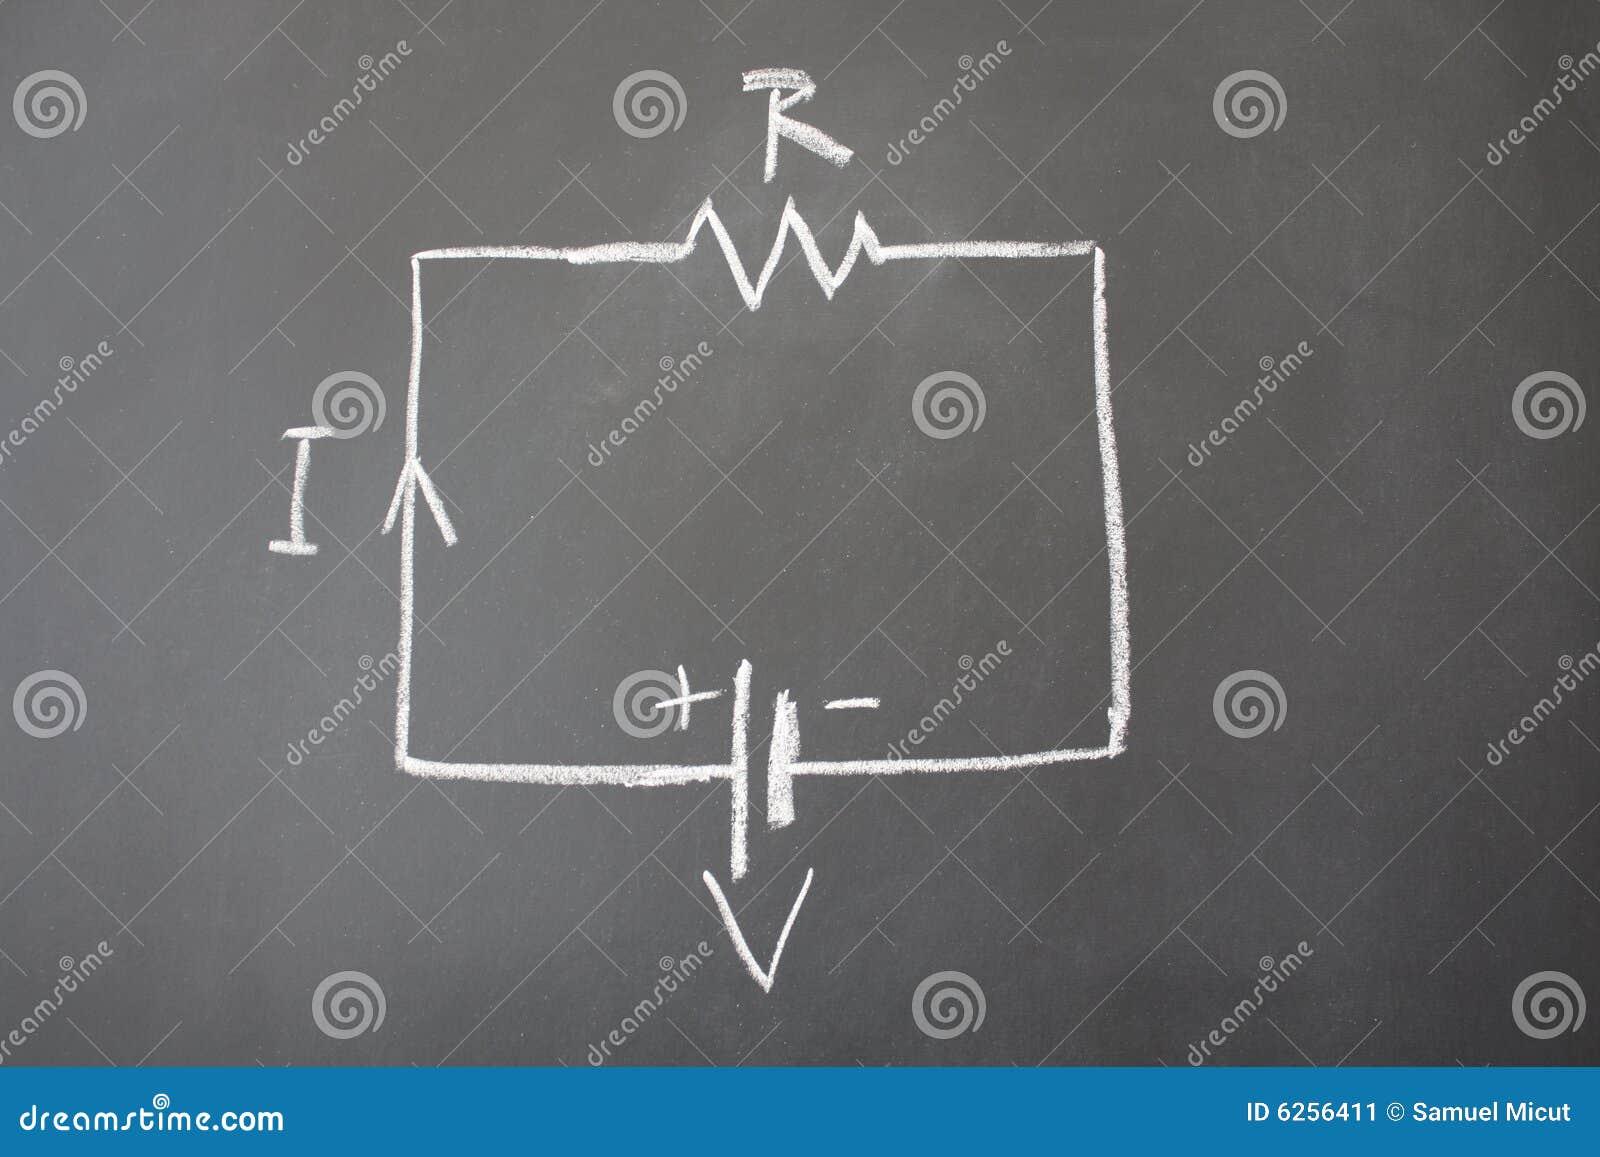 Circuito Electrico Simple : Circuito eléctrico simple imagen de archivo. imagen de conectado